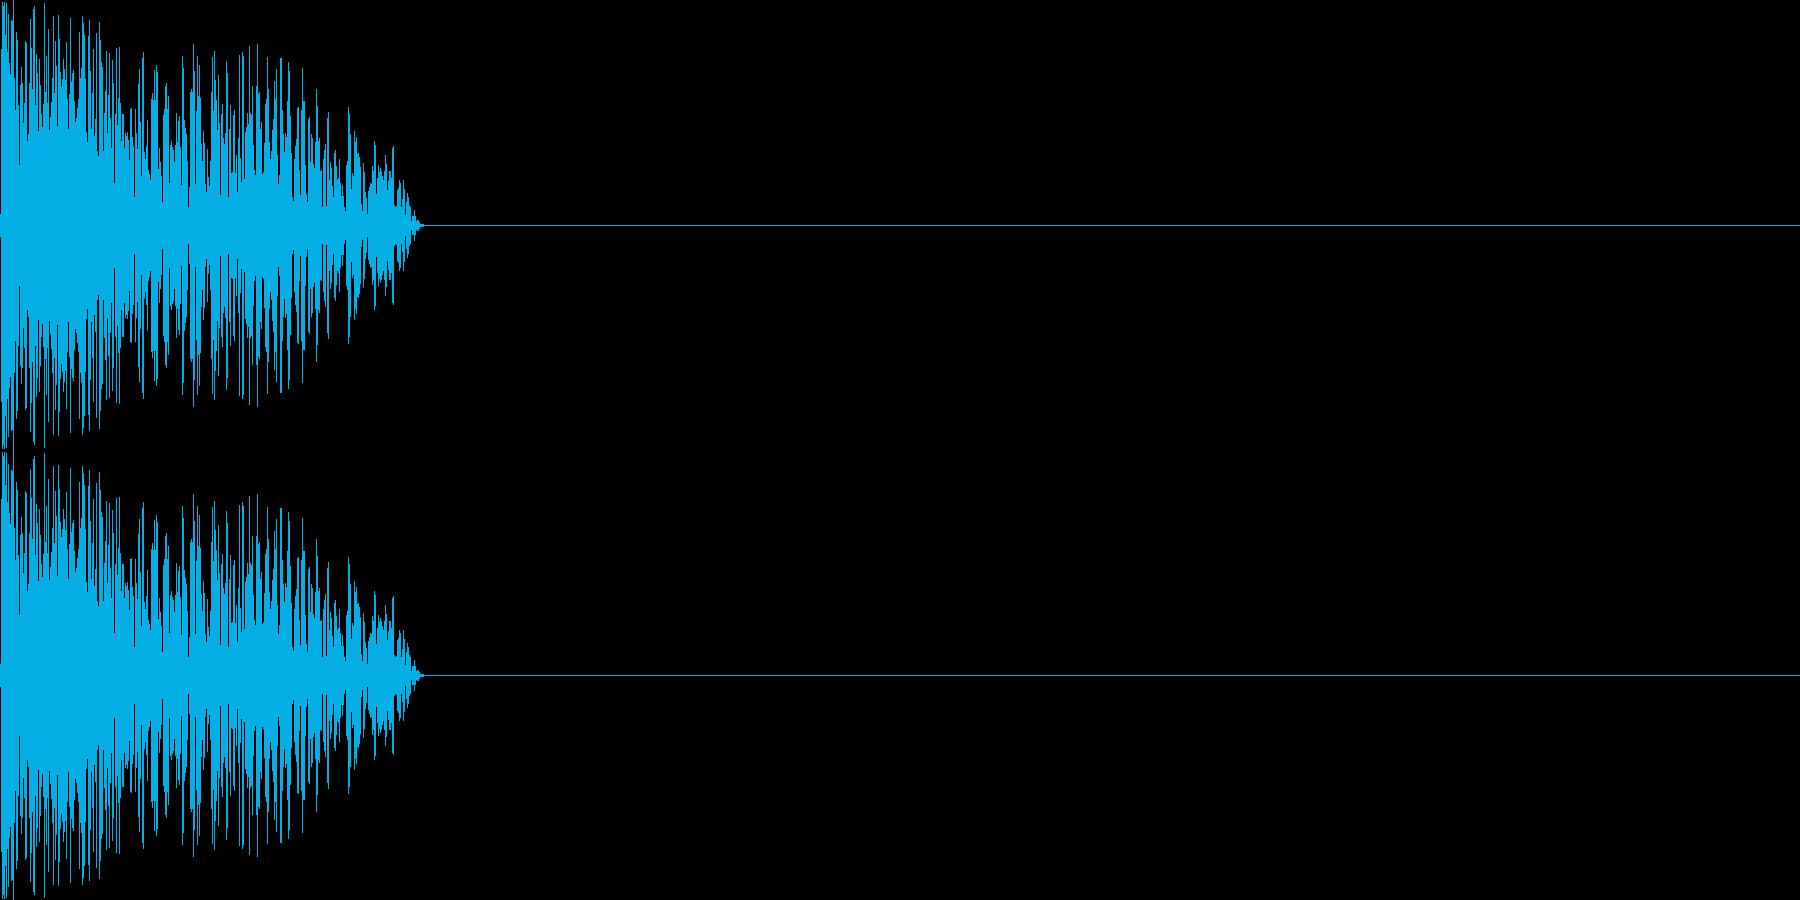 攻撃音05(中規模の銃)の再生済みの波形